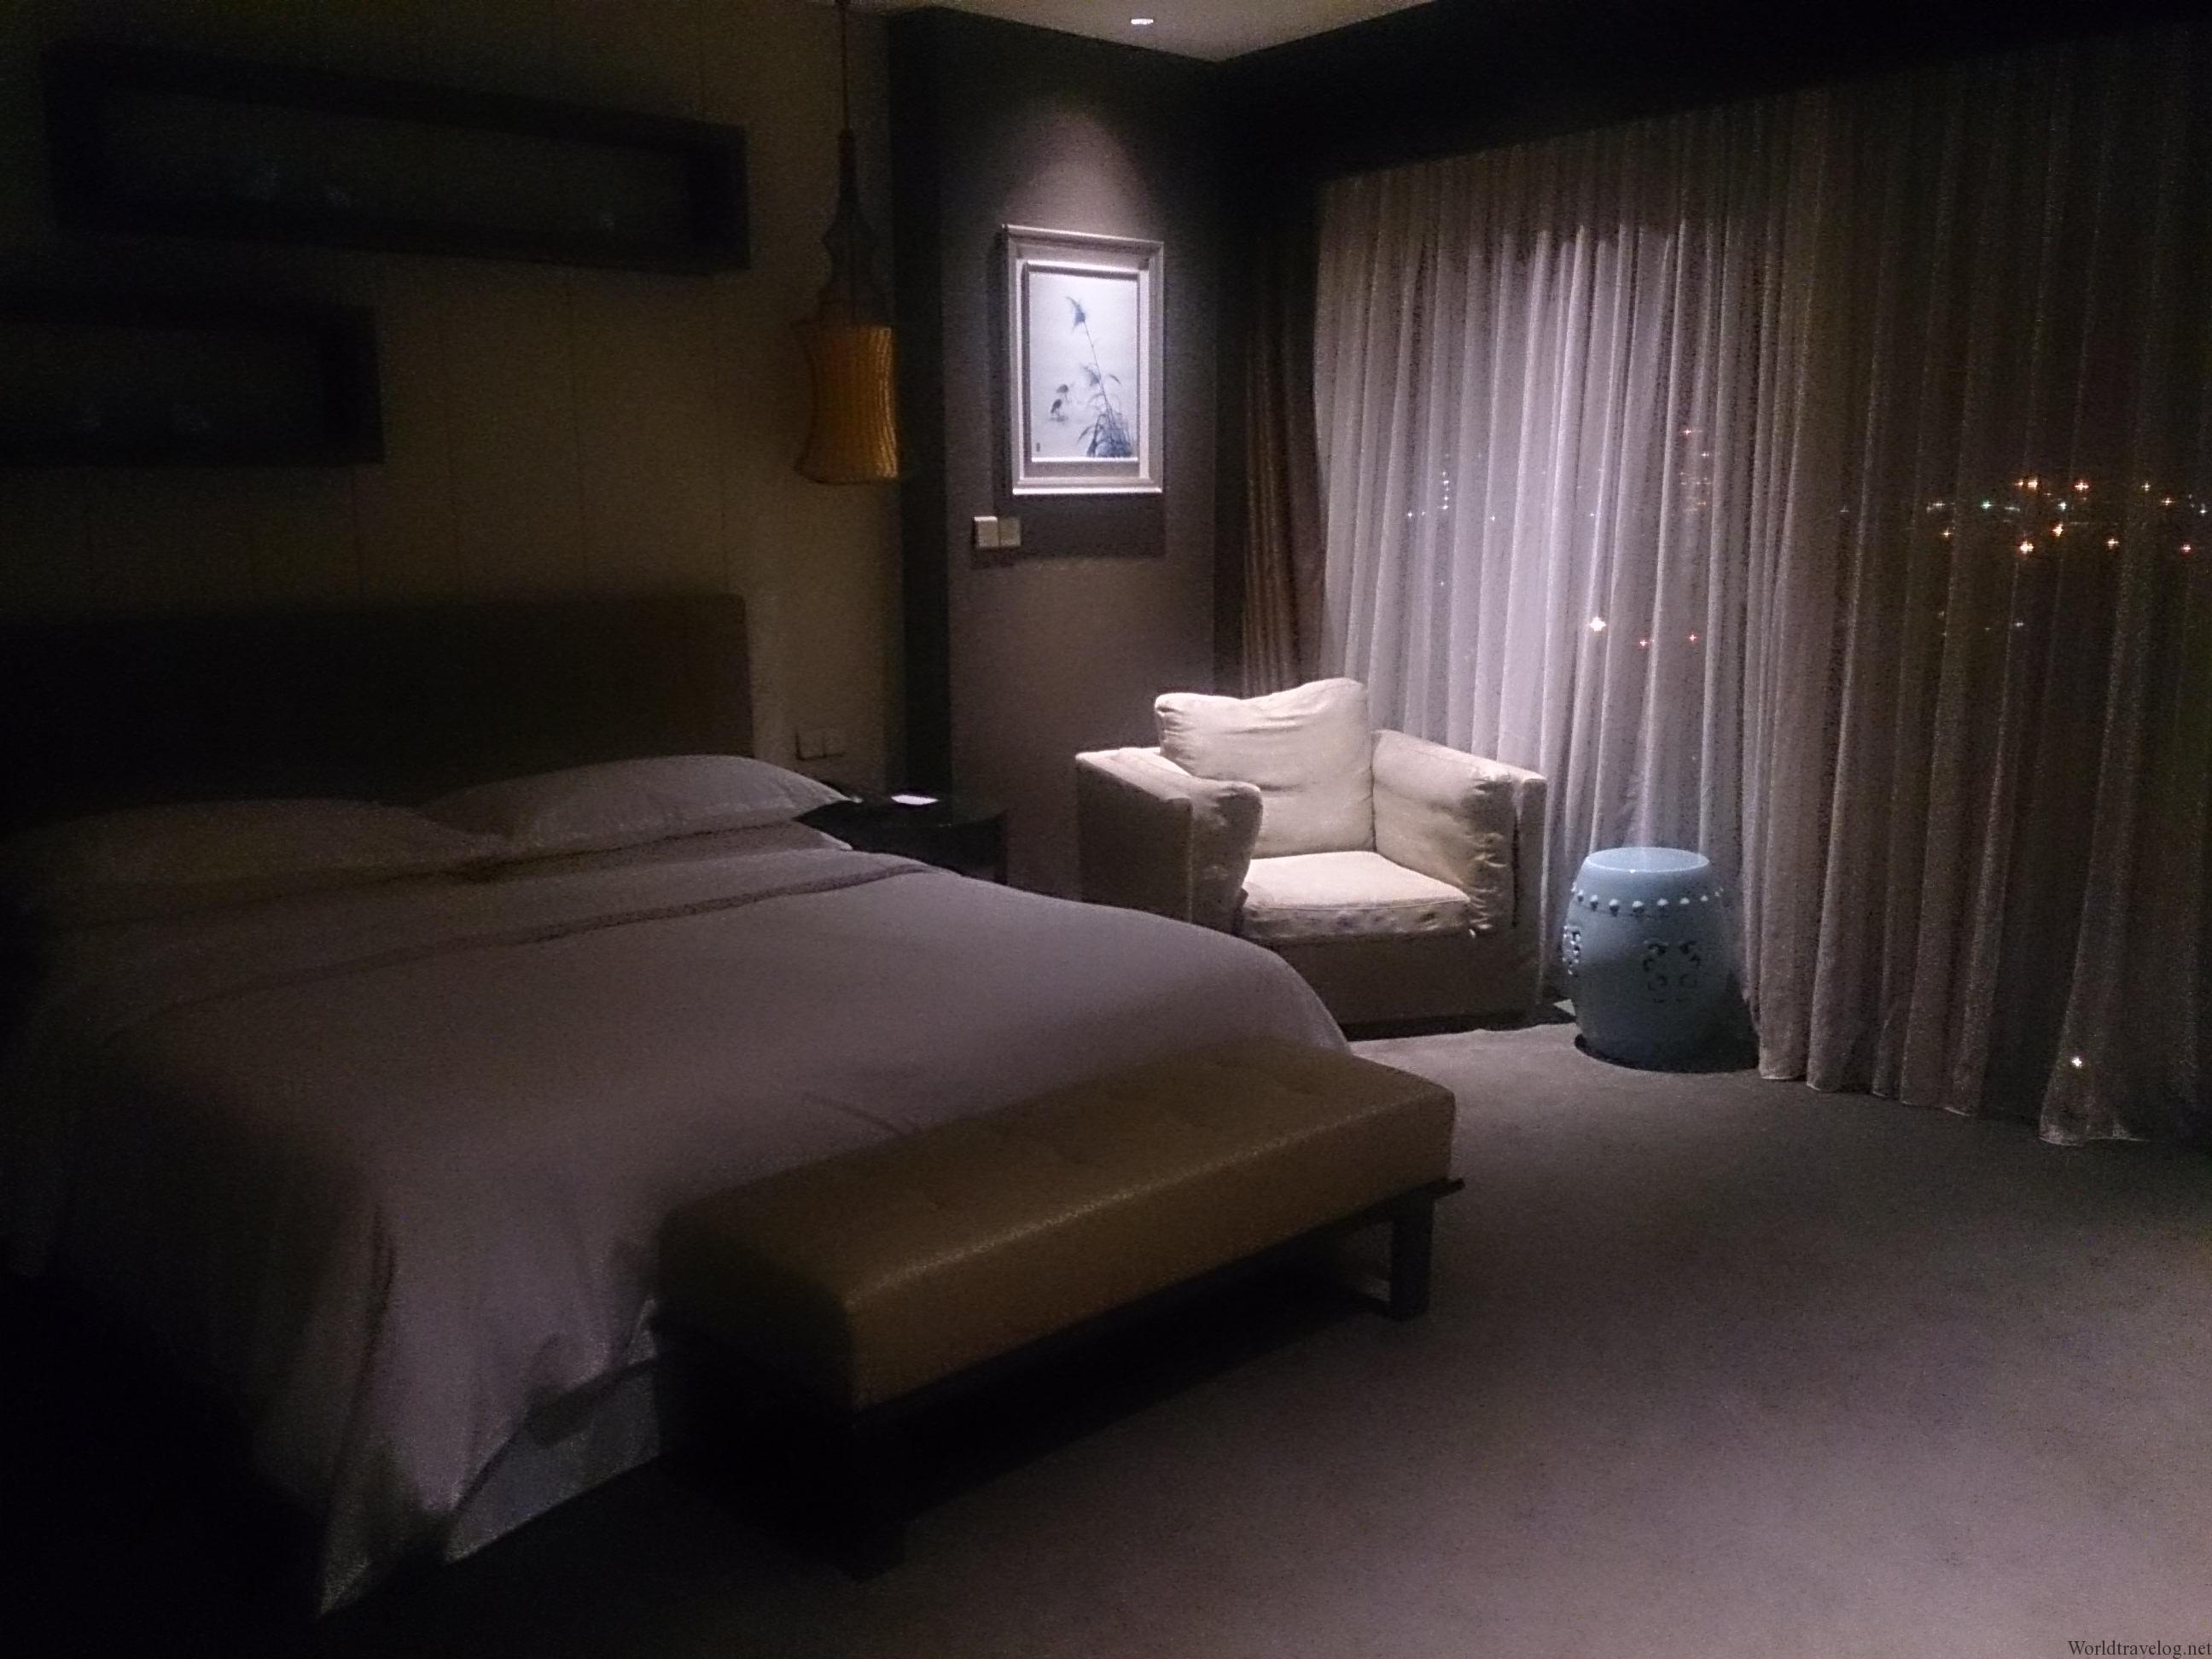 シェラトン外高橋 クラブルーム宿泊記 Sheraton Waigaoqiao